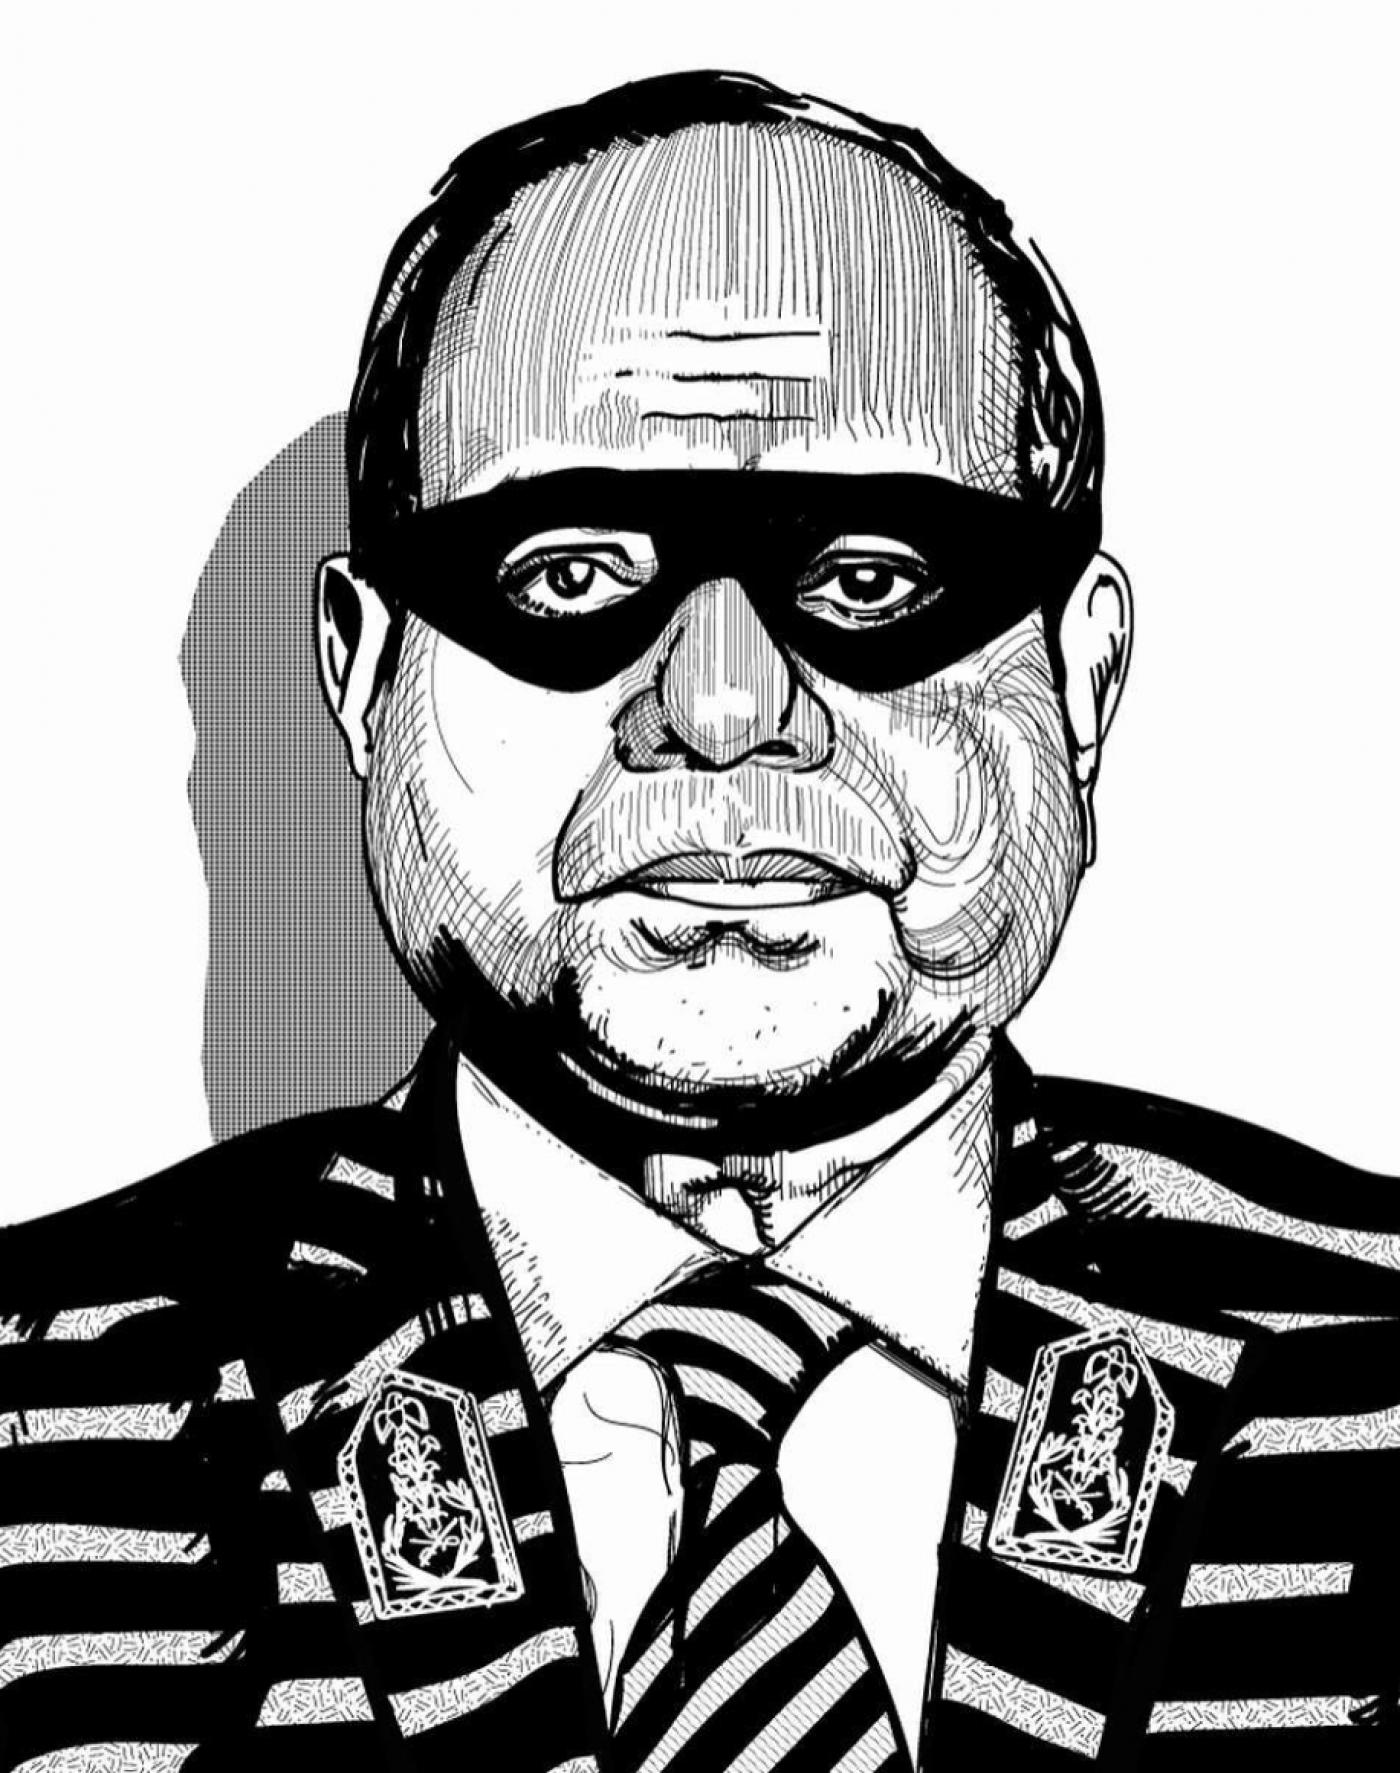 Las protestas en Egipto: cómo una caricatura de Al Sisi caracterizado de ladrón se convierte en la cara del movimiento